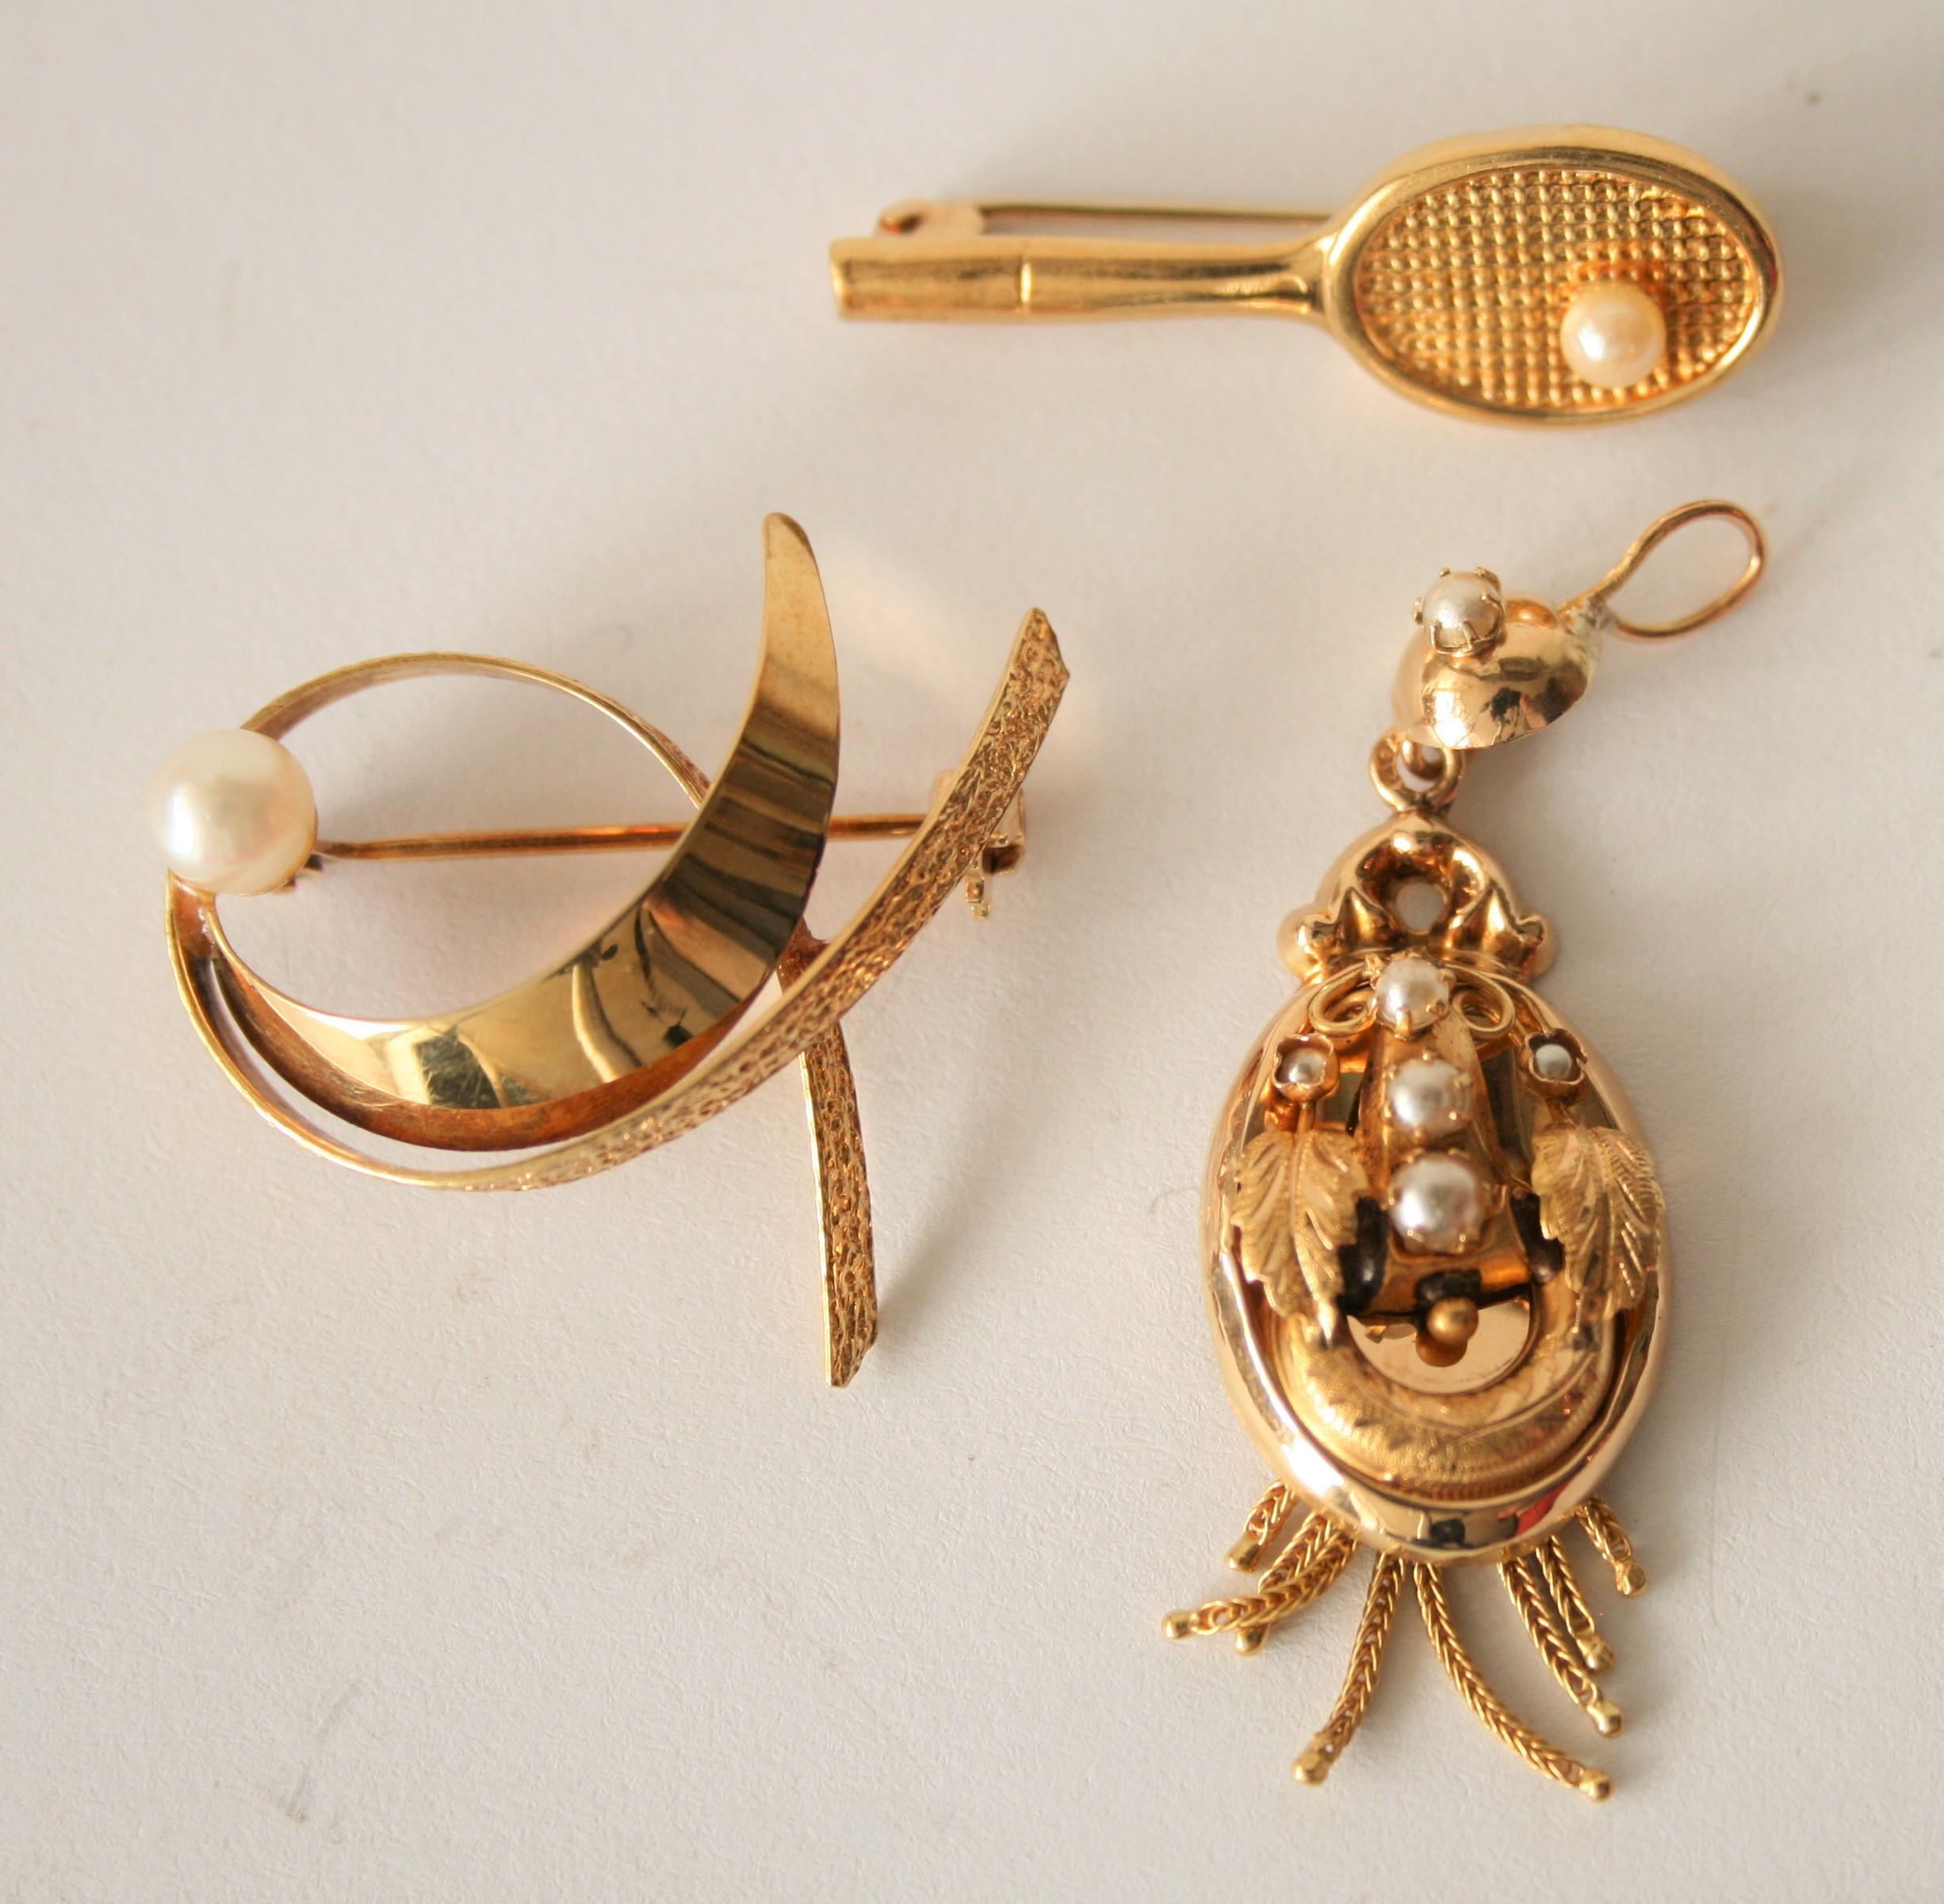 Lot 15 - Ensemble de 3 bijoux en Or 14 et 18 ct, 2 broches et un pendentaif - Poids total : 7 [...]